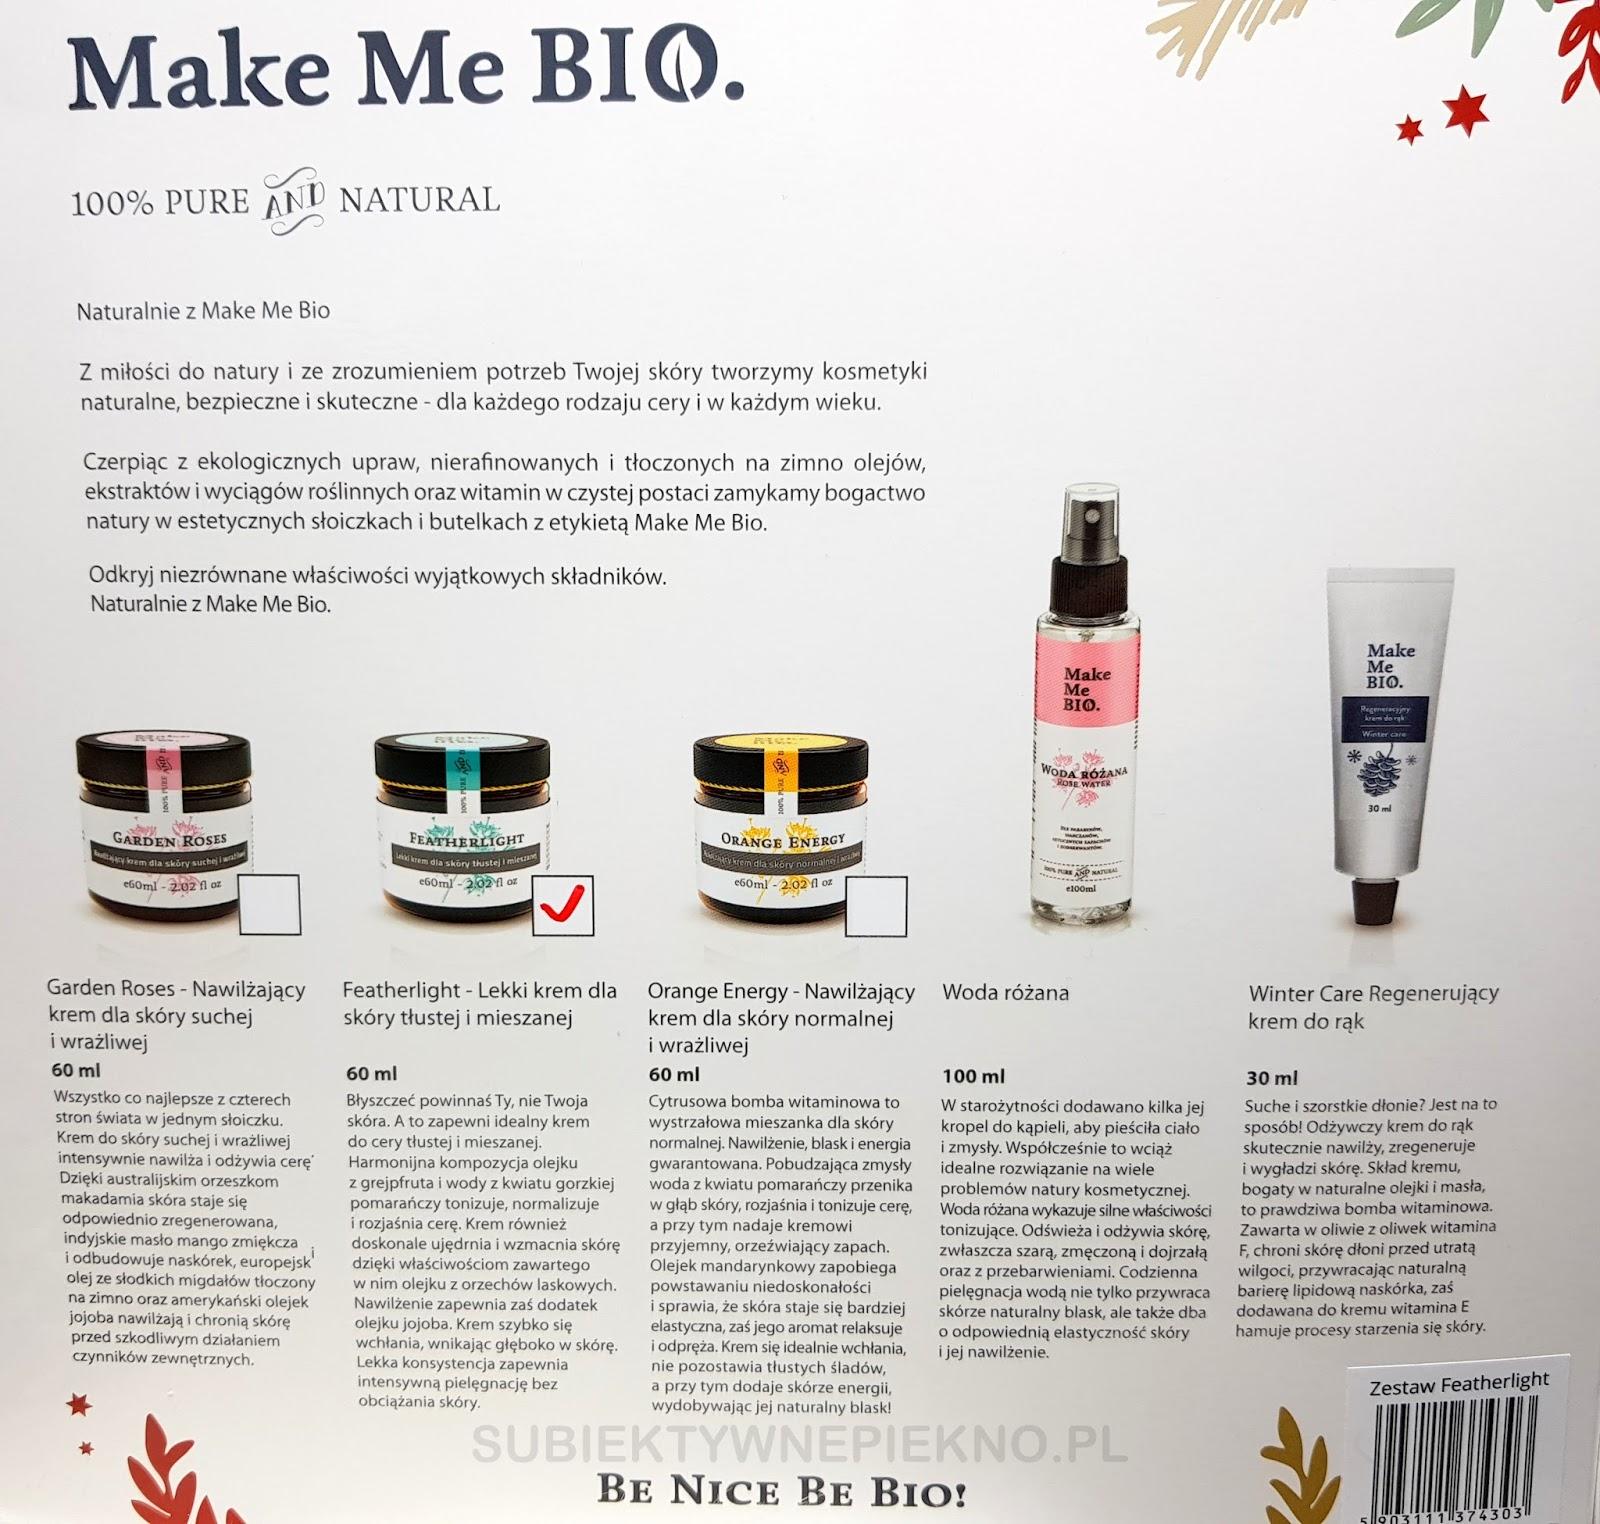 Świąteczny zestaw prezentowy Make Me Bio - krem do twarzy Featherlight, krem do rąk, woda różana